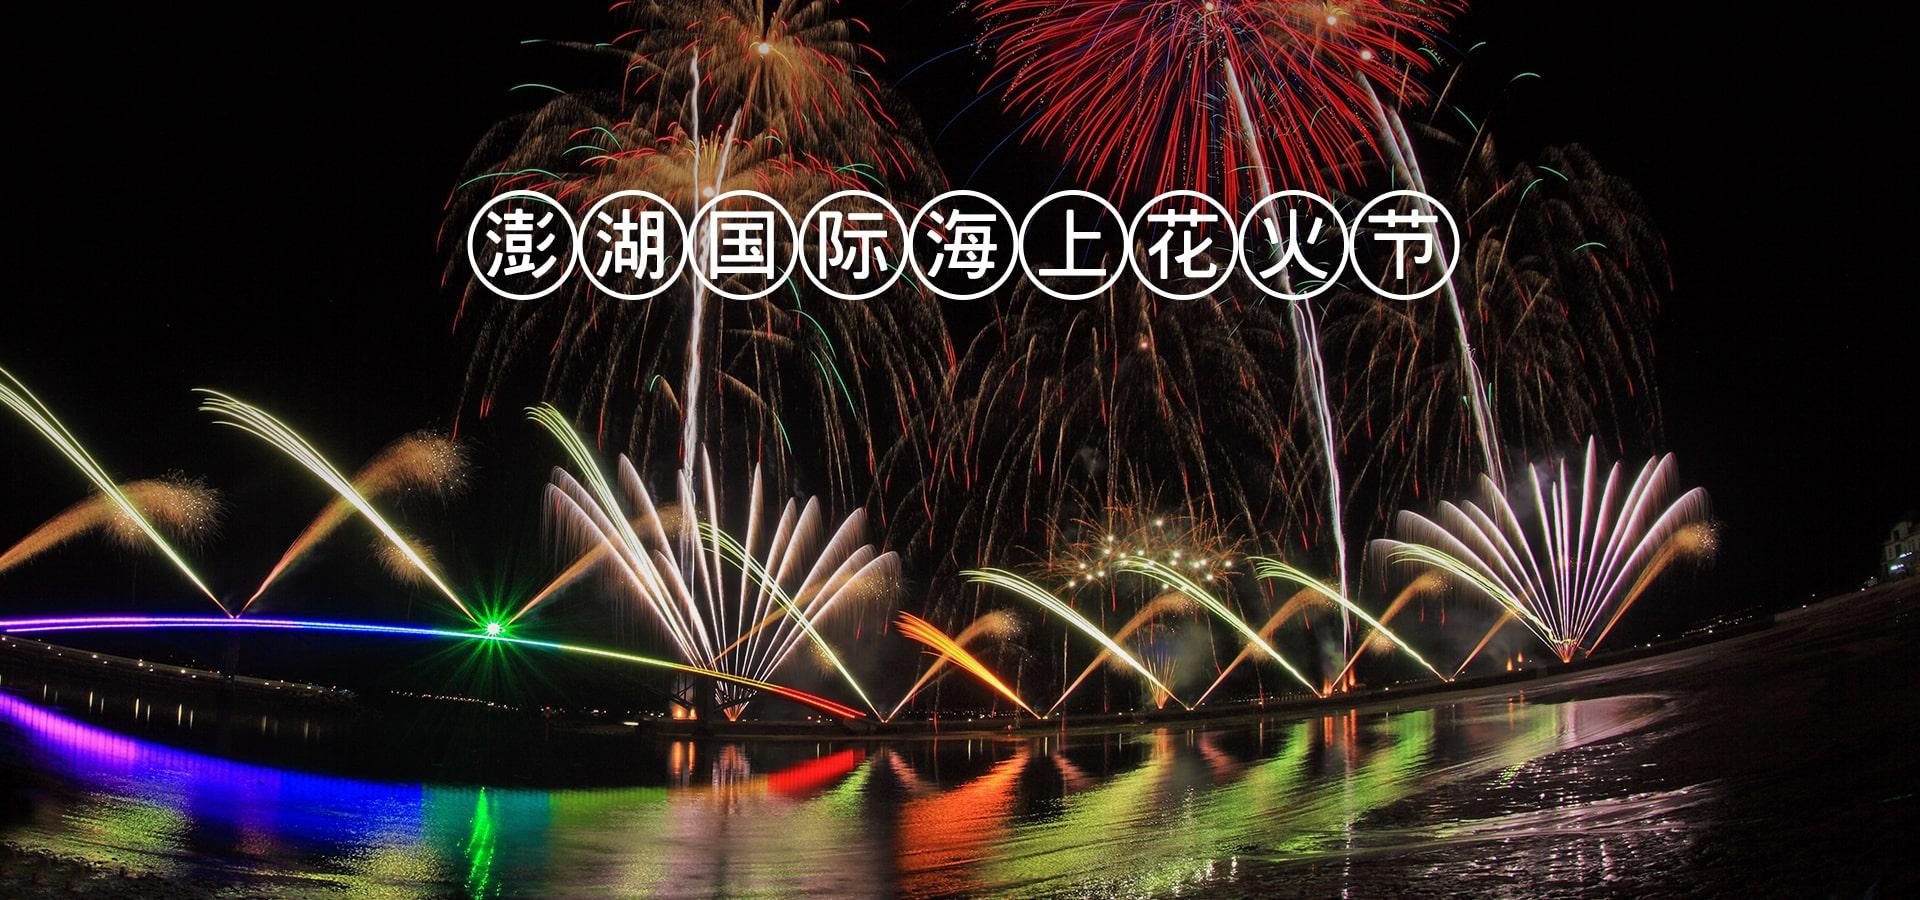 澎湖花火节